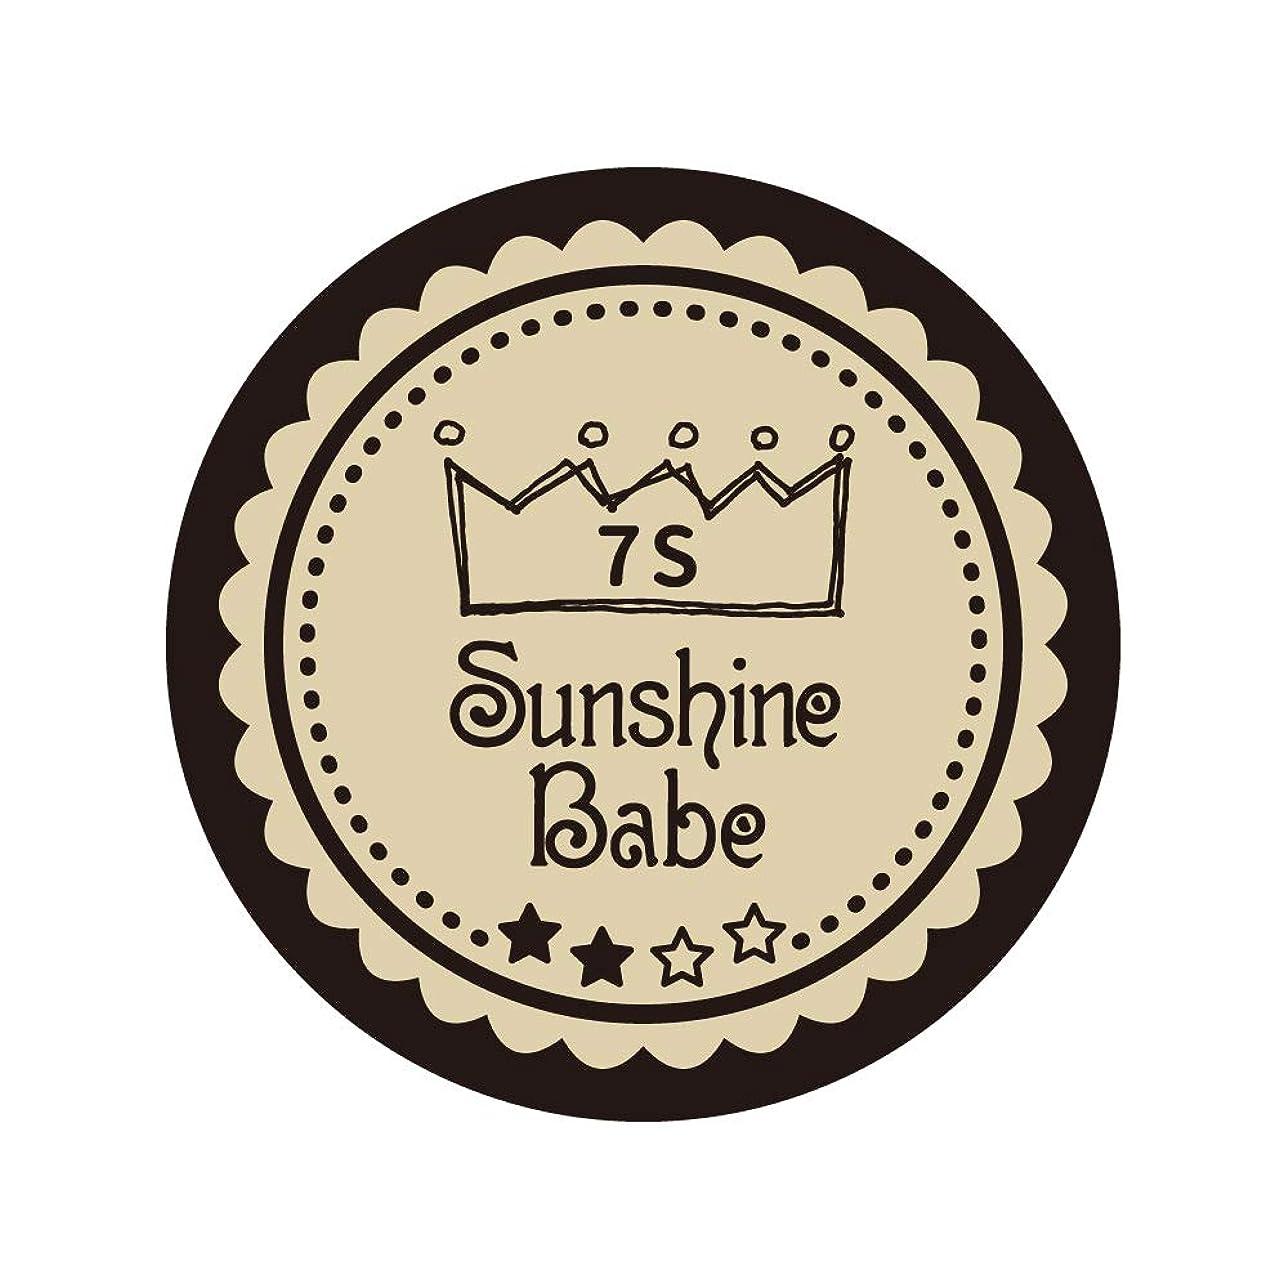 あたりペパーミント黙認するSunshine Babe カラージェル 7S ウォームサンド 2.7g UV/LED対応